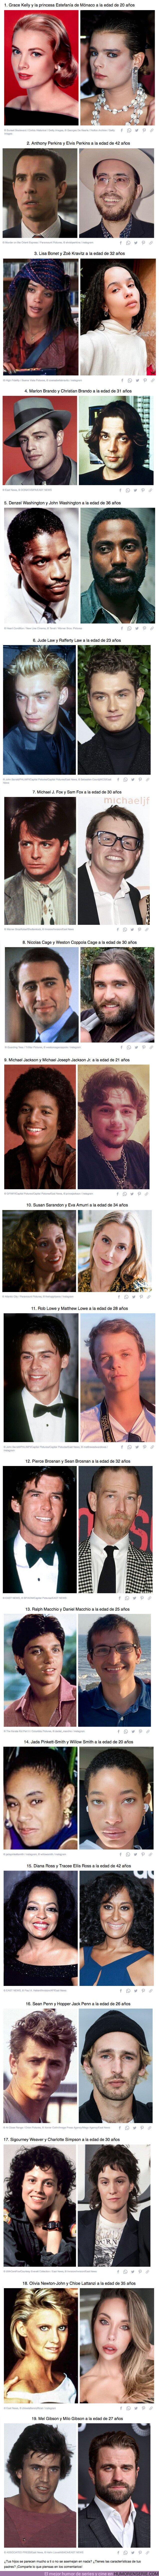 67269 - GALERÍA: 19 Fotos de estrellas de Hollywood con sus hijos lado a lado a la misma edad